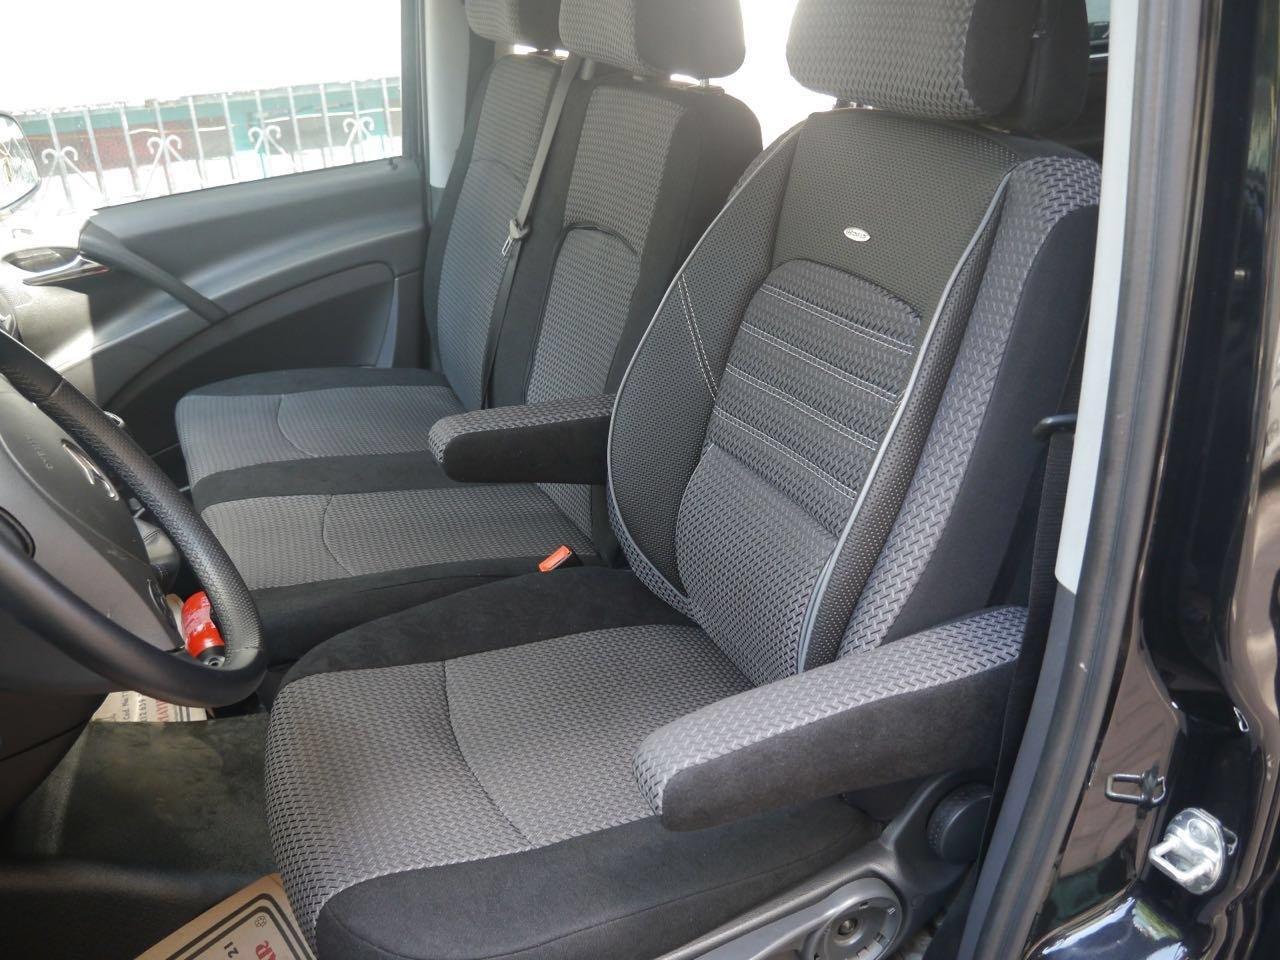 K-maniac Housses de si/ège Mercedes Vito V-Klasse W447 dici ann/ée 2014 Si/ège conducteur Elite Banquette Double avec Deux accoudoirs